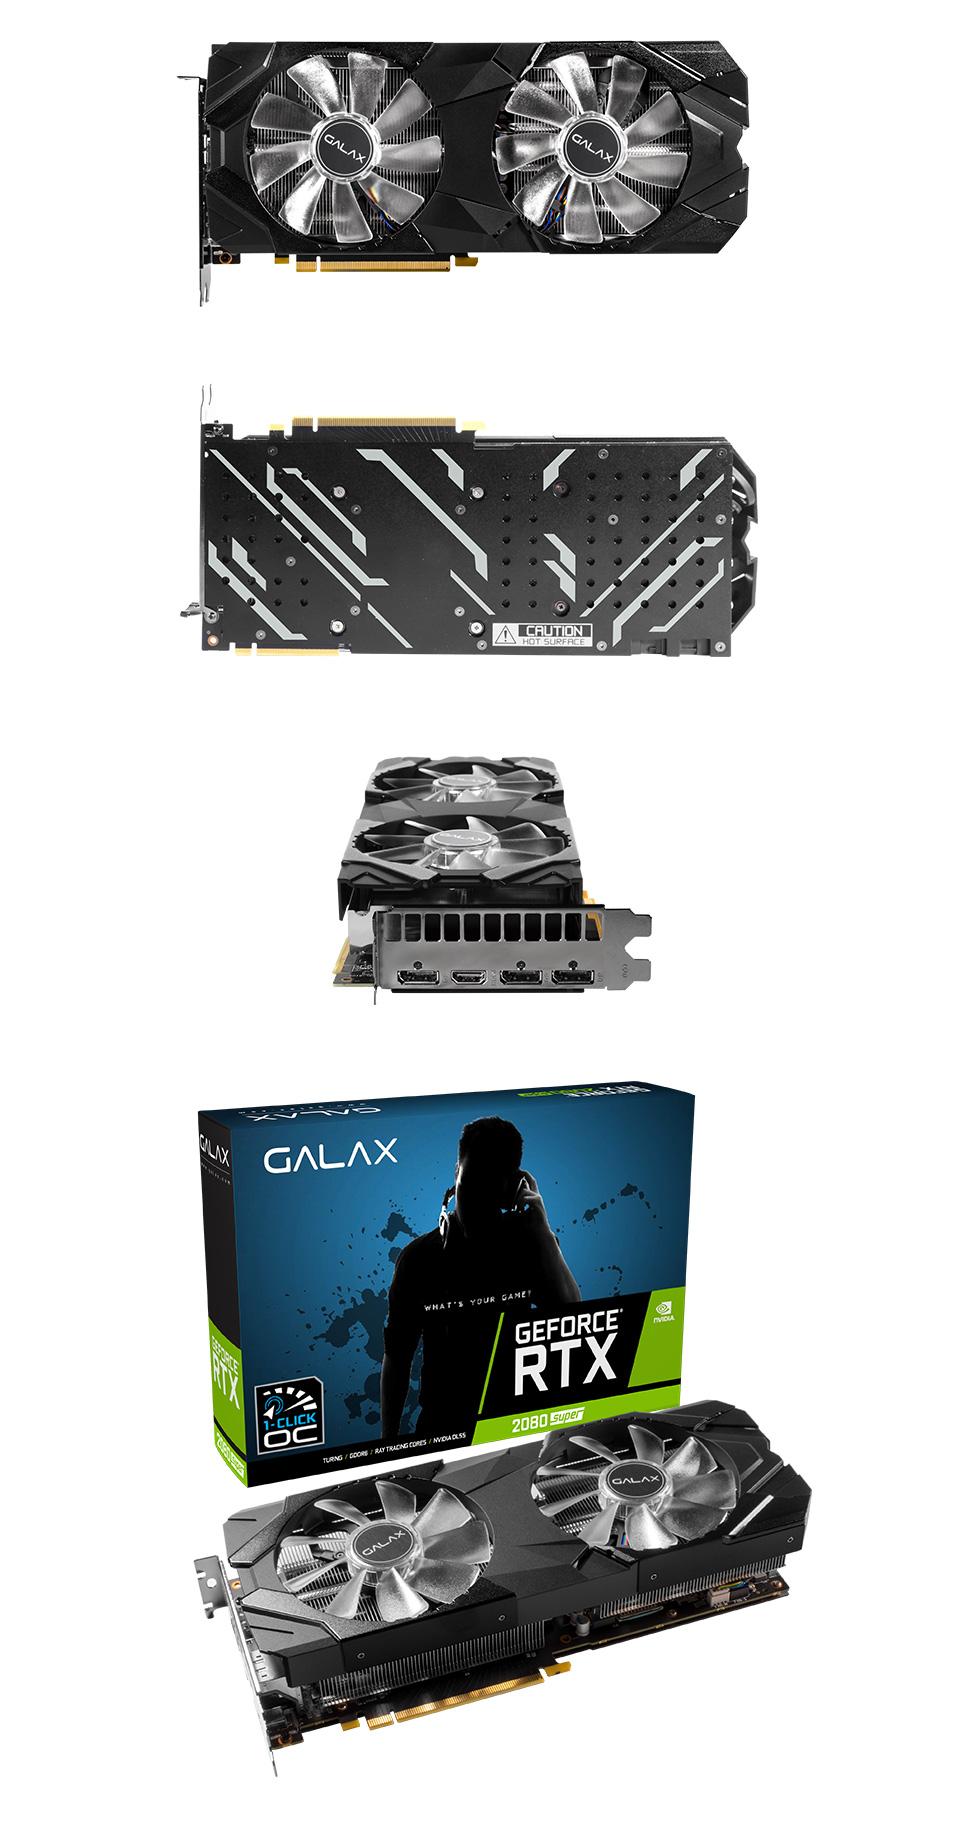 Galax GeForce RTX 2080 Super EX (1-Click OC) 8GB product